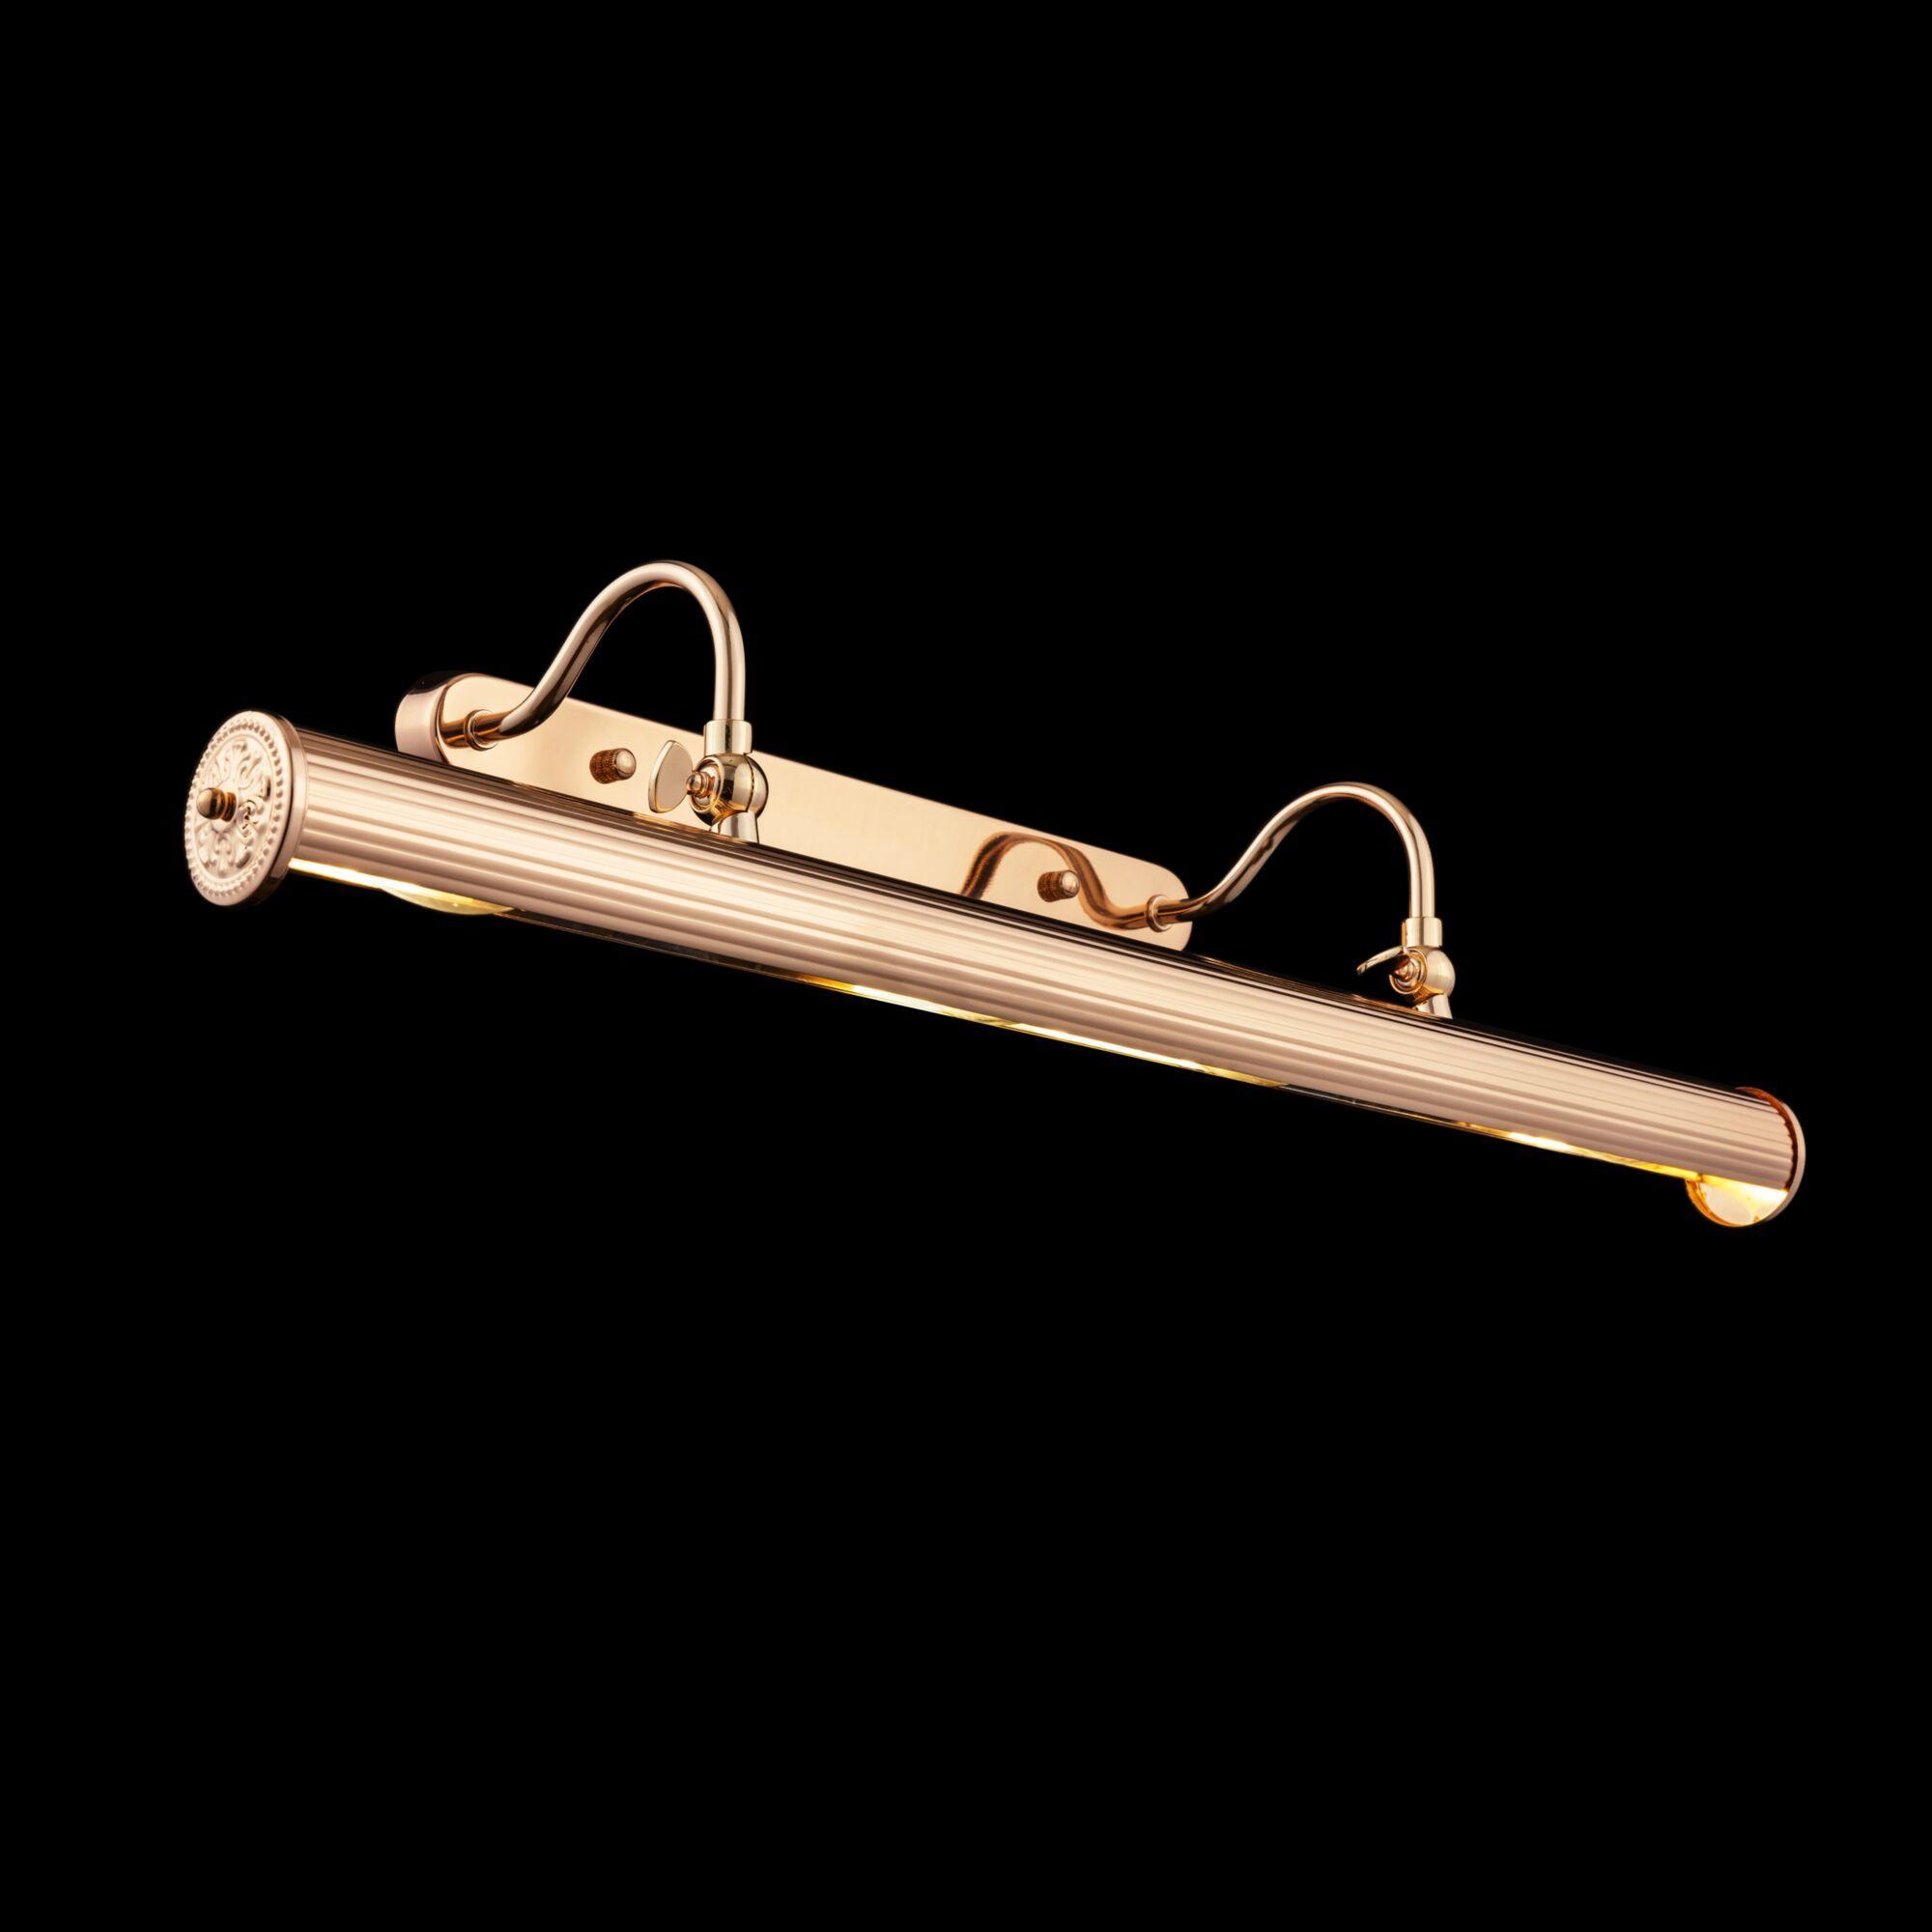 Настенный светильник для подсветки картин Maytoni Govanni PIC119-44-G, 4xE14x25W, золото, металл - фото 4